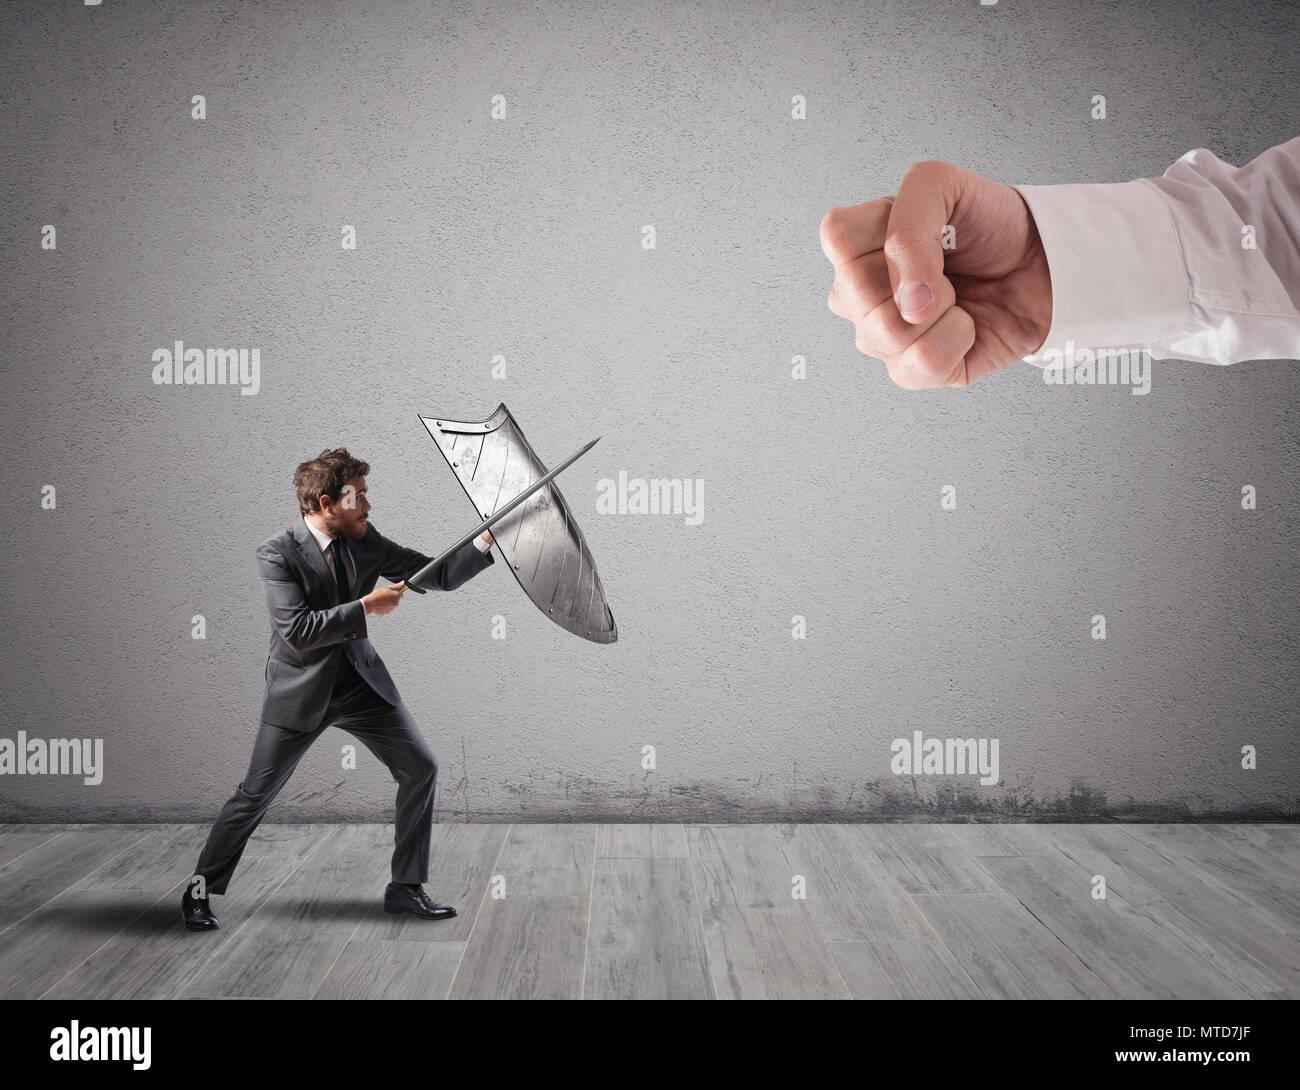 Piccolo uomo d affari sfide grandi problemi combattimenti con scudo e spada Immagini Stock